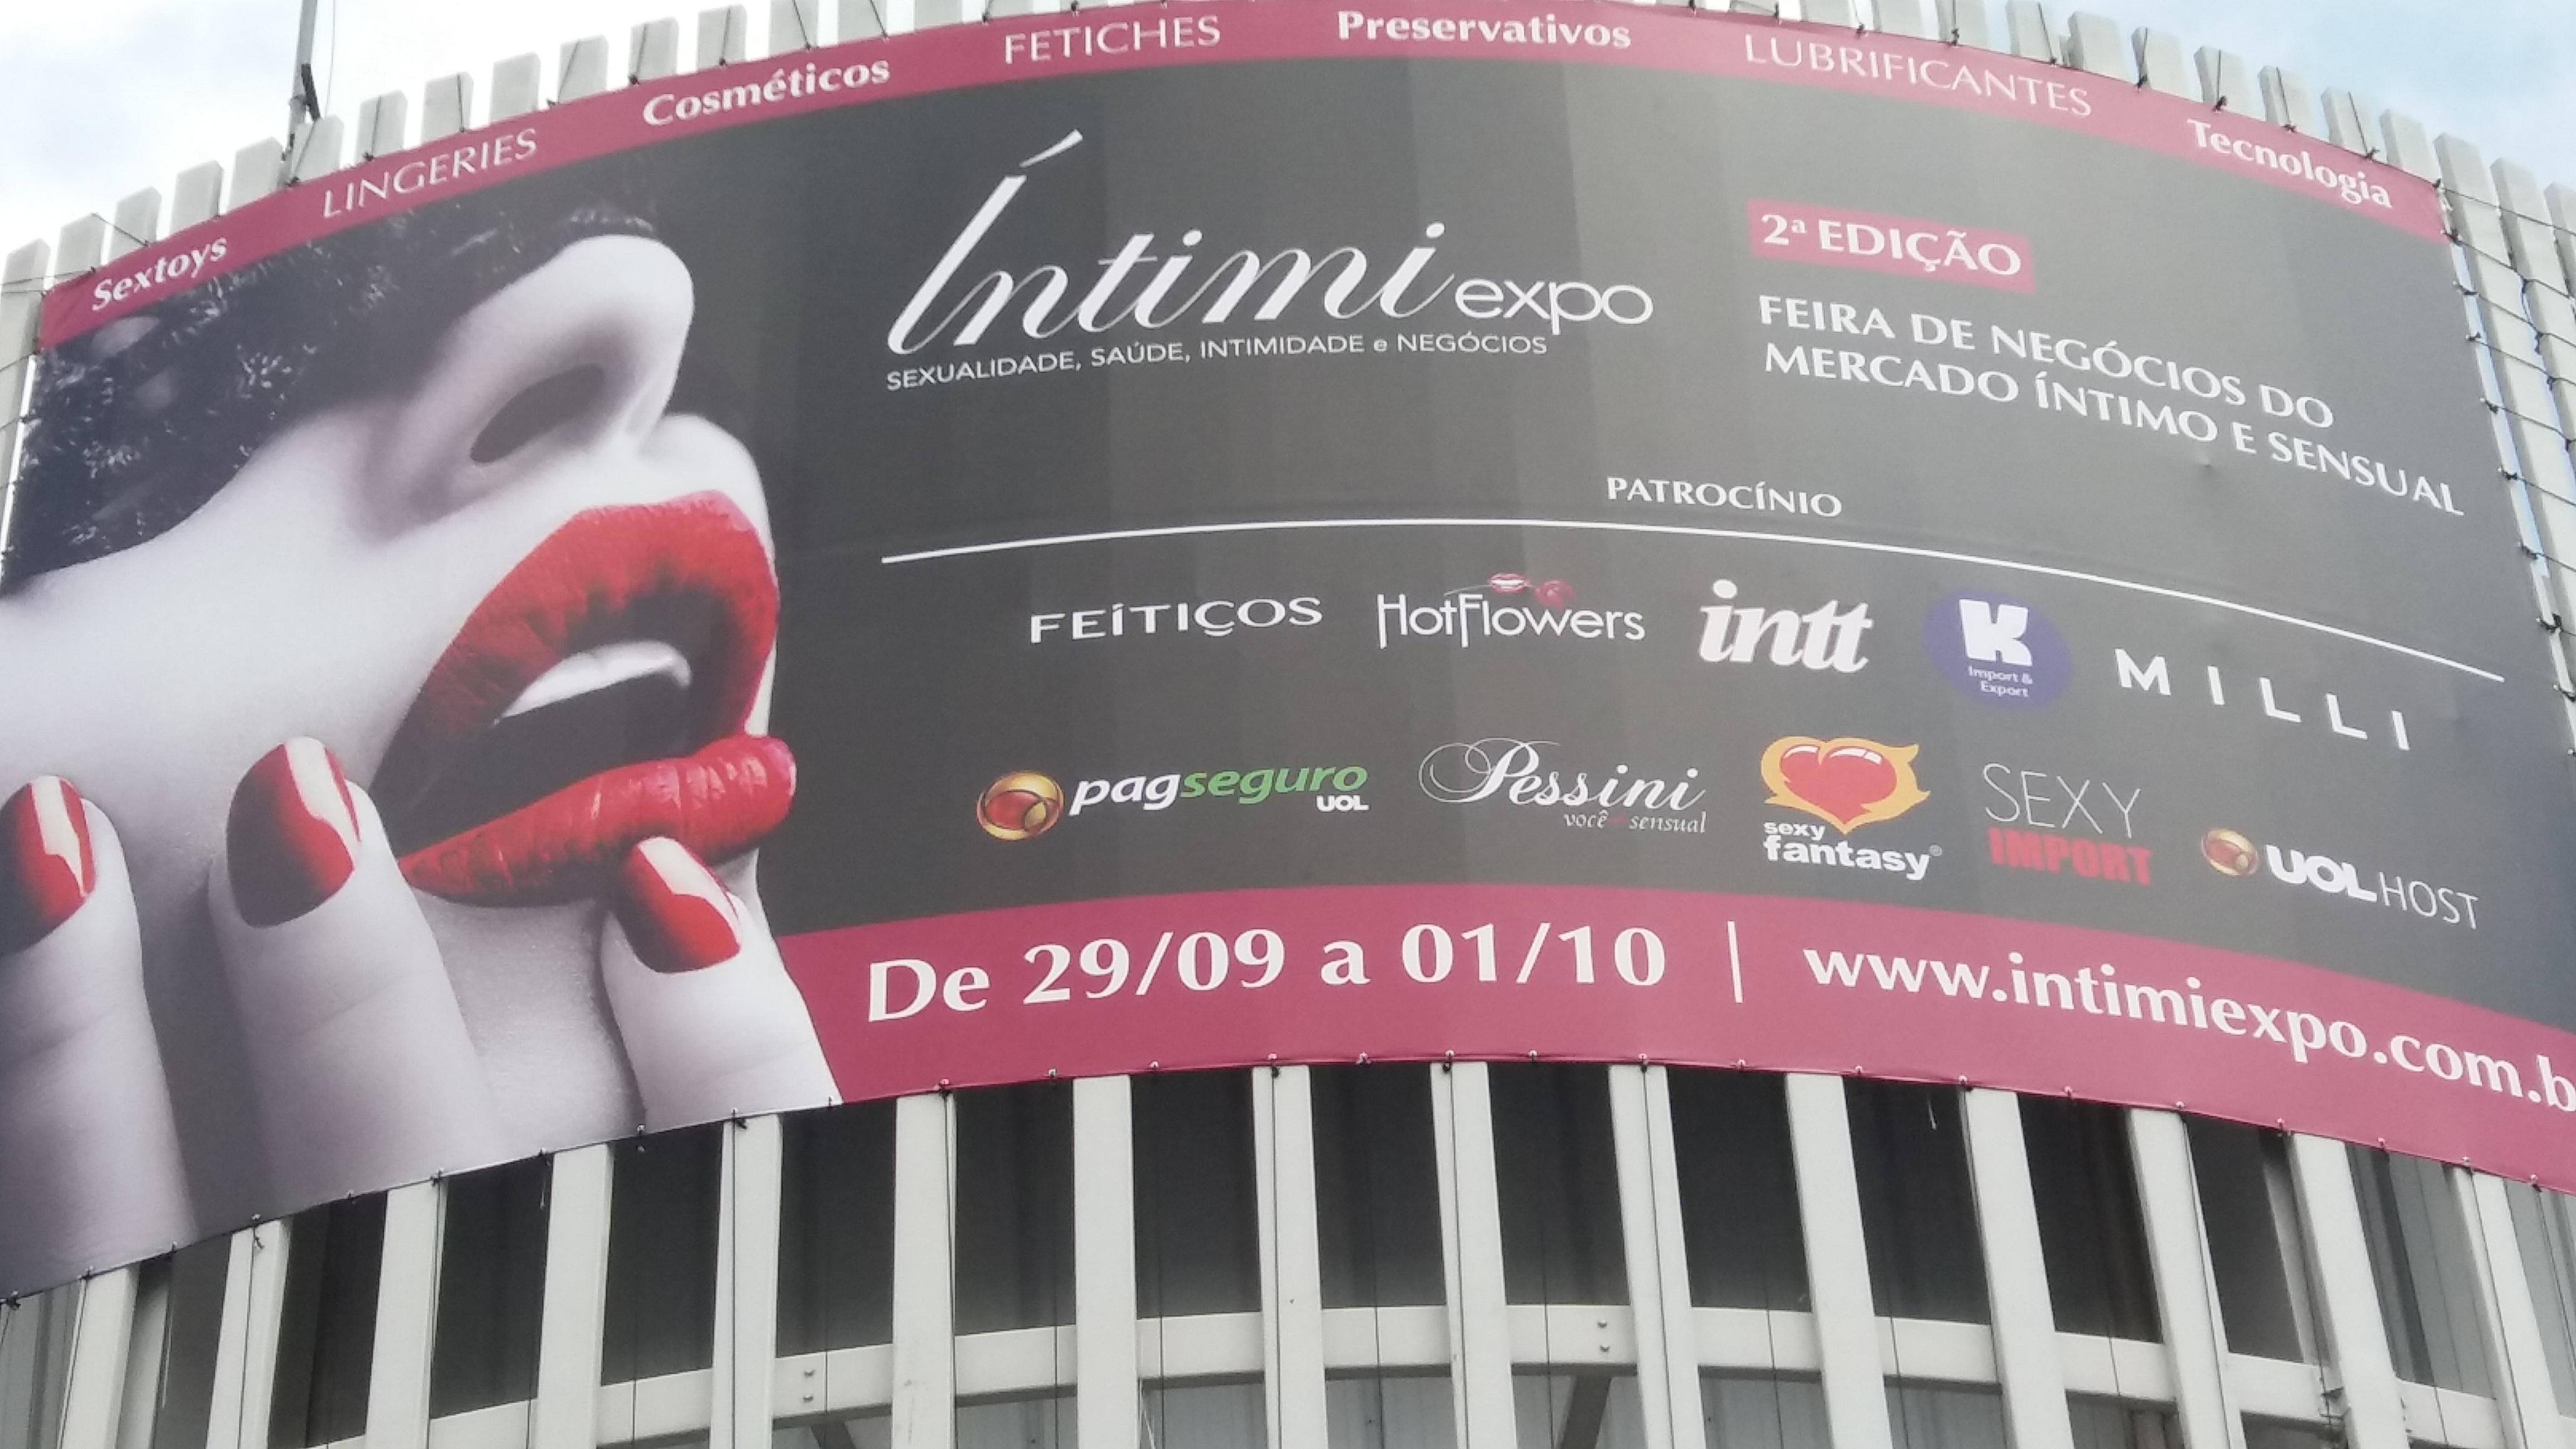 Íntimi expo